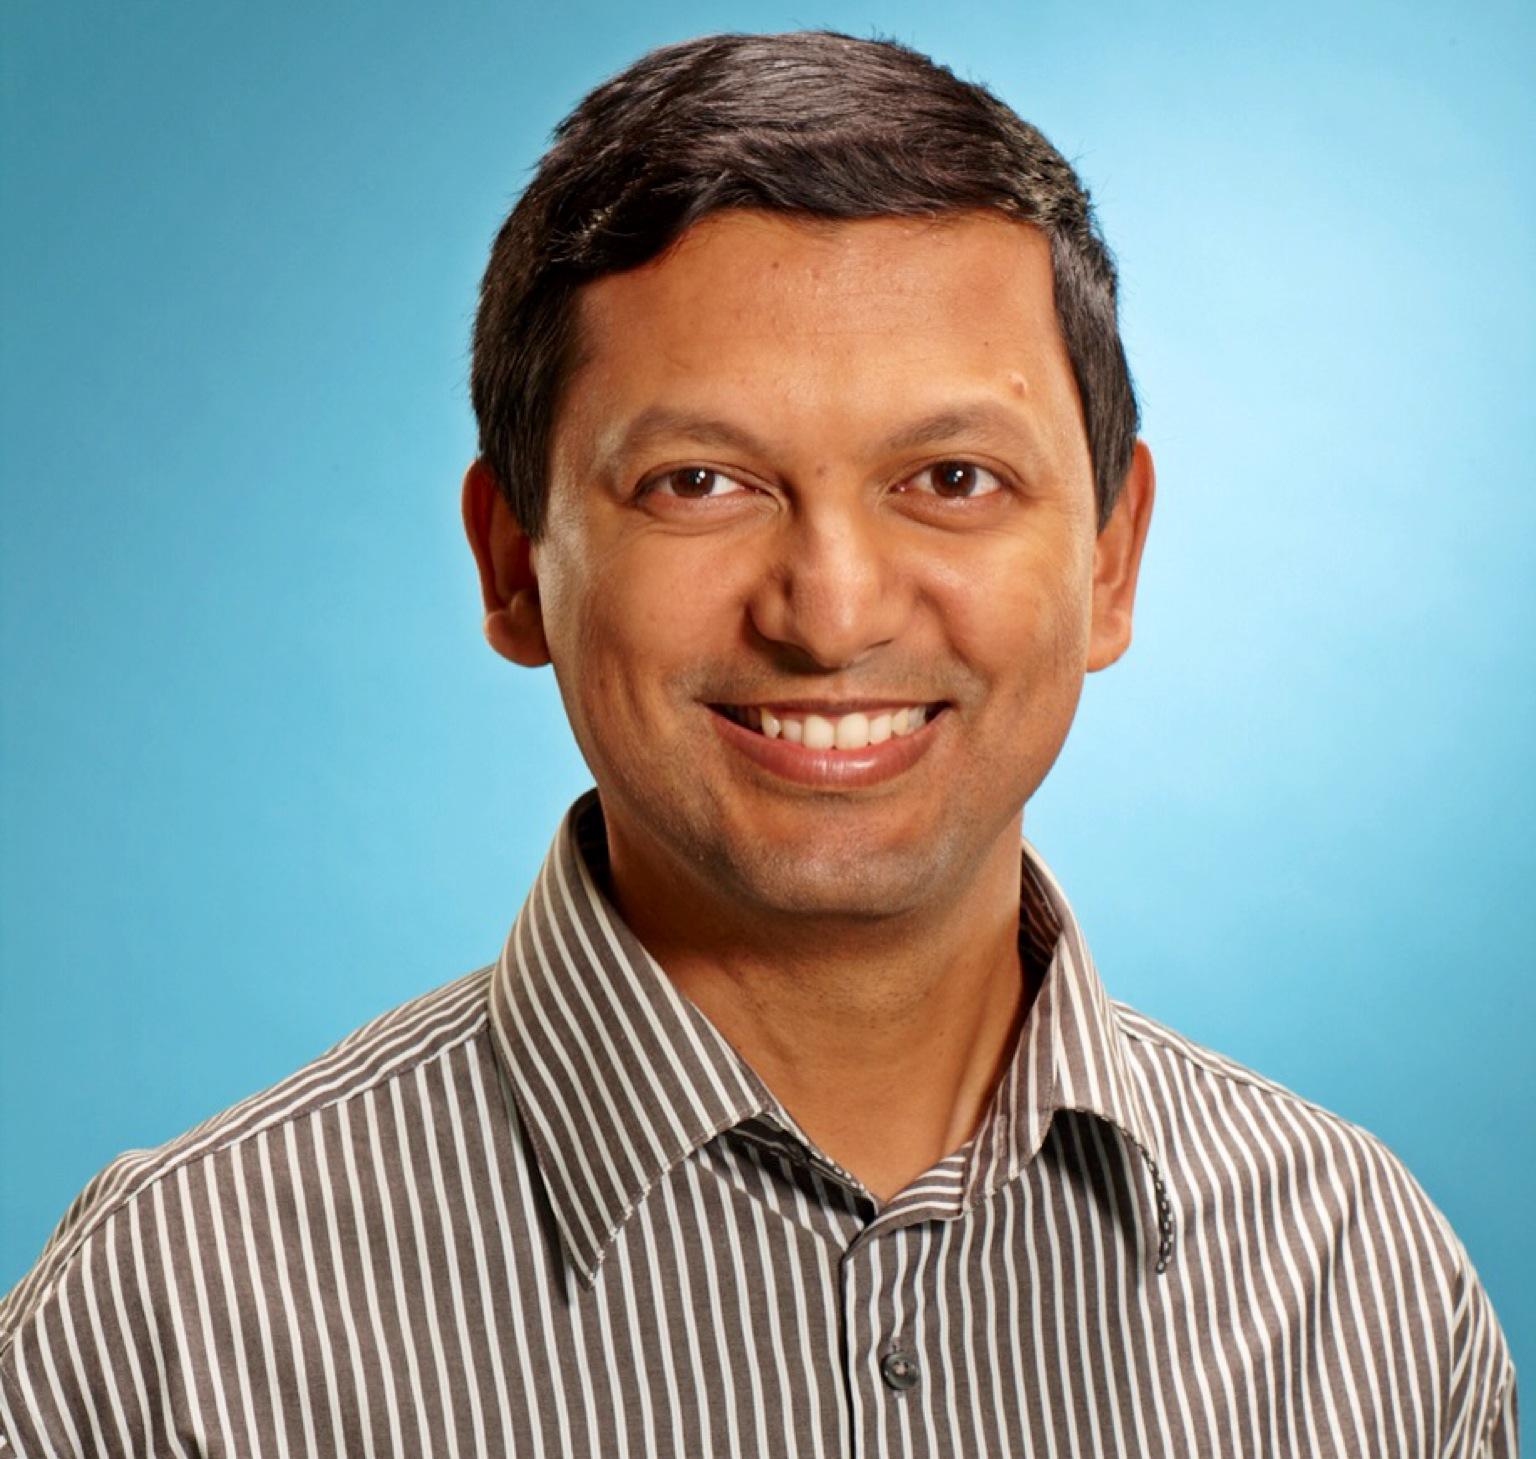 Atlassian's first CTO, Sridatta Viswanath